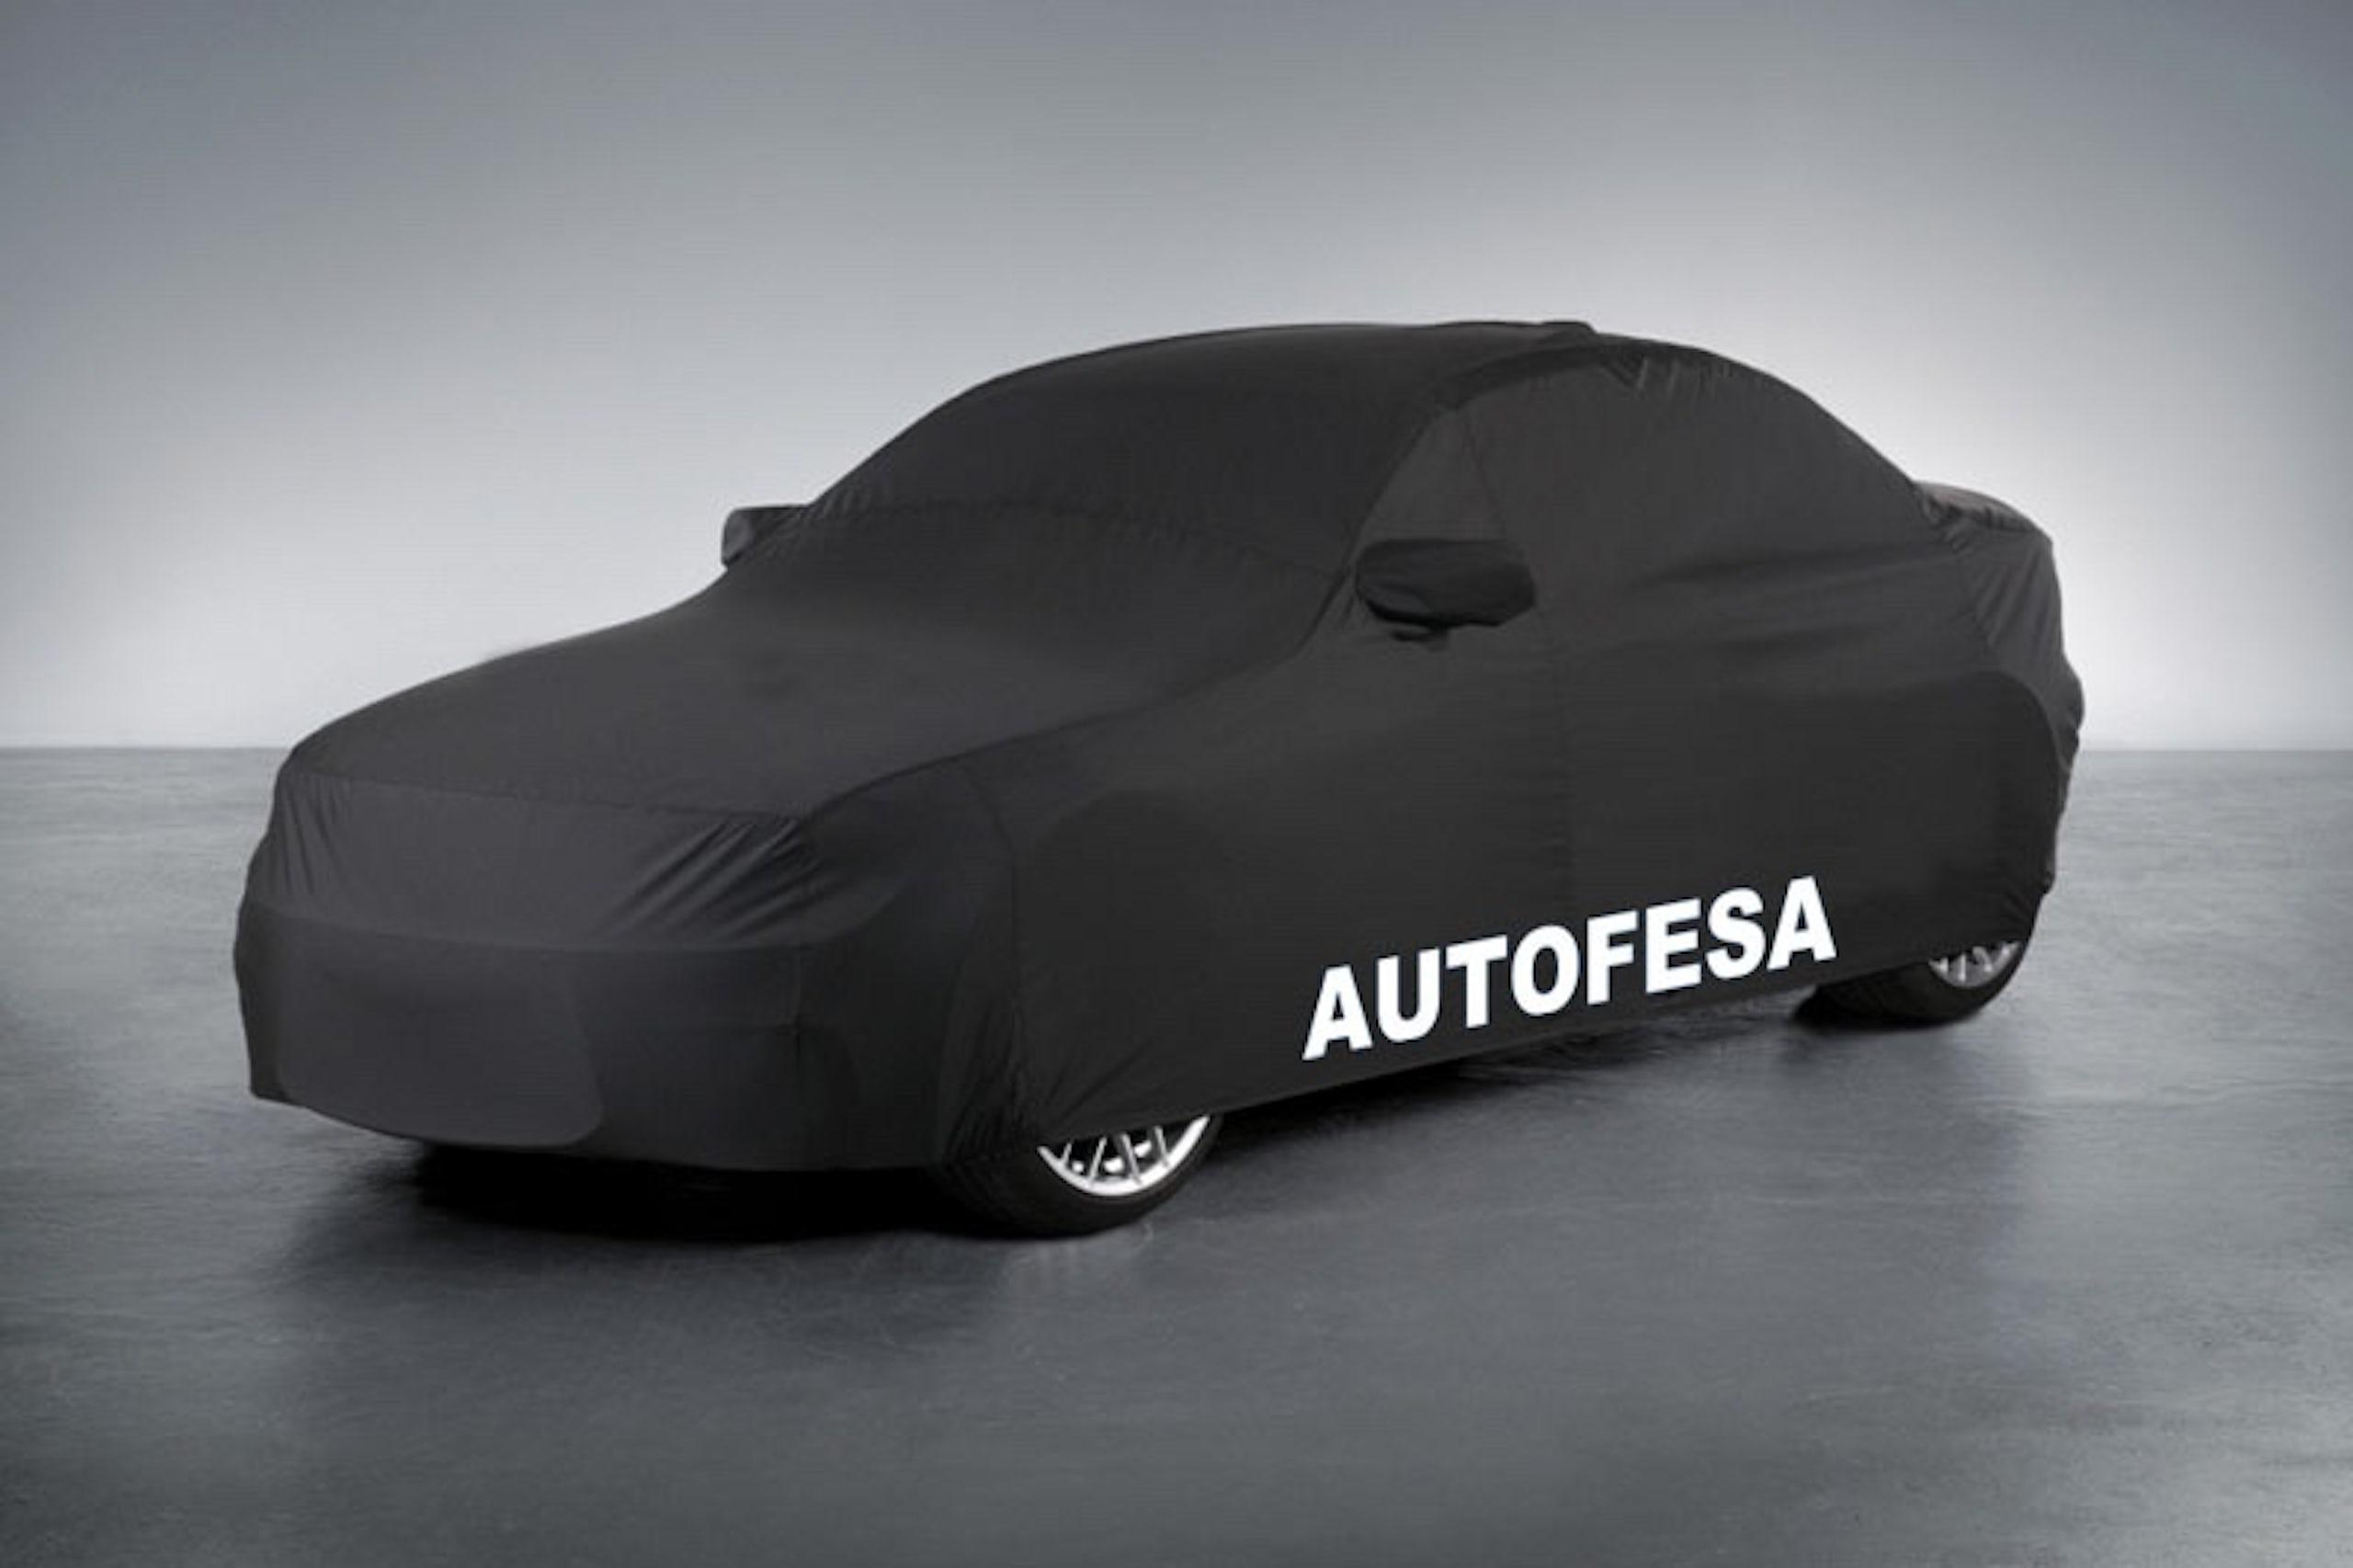 Audi Q7 3.0 TDI 233cv quattro Tiptronic 5p 7plz Auto - Foto 28